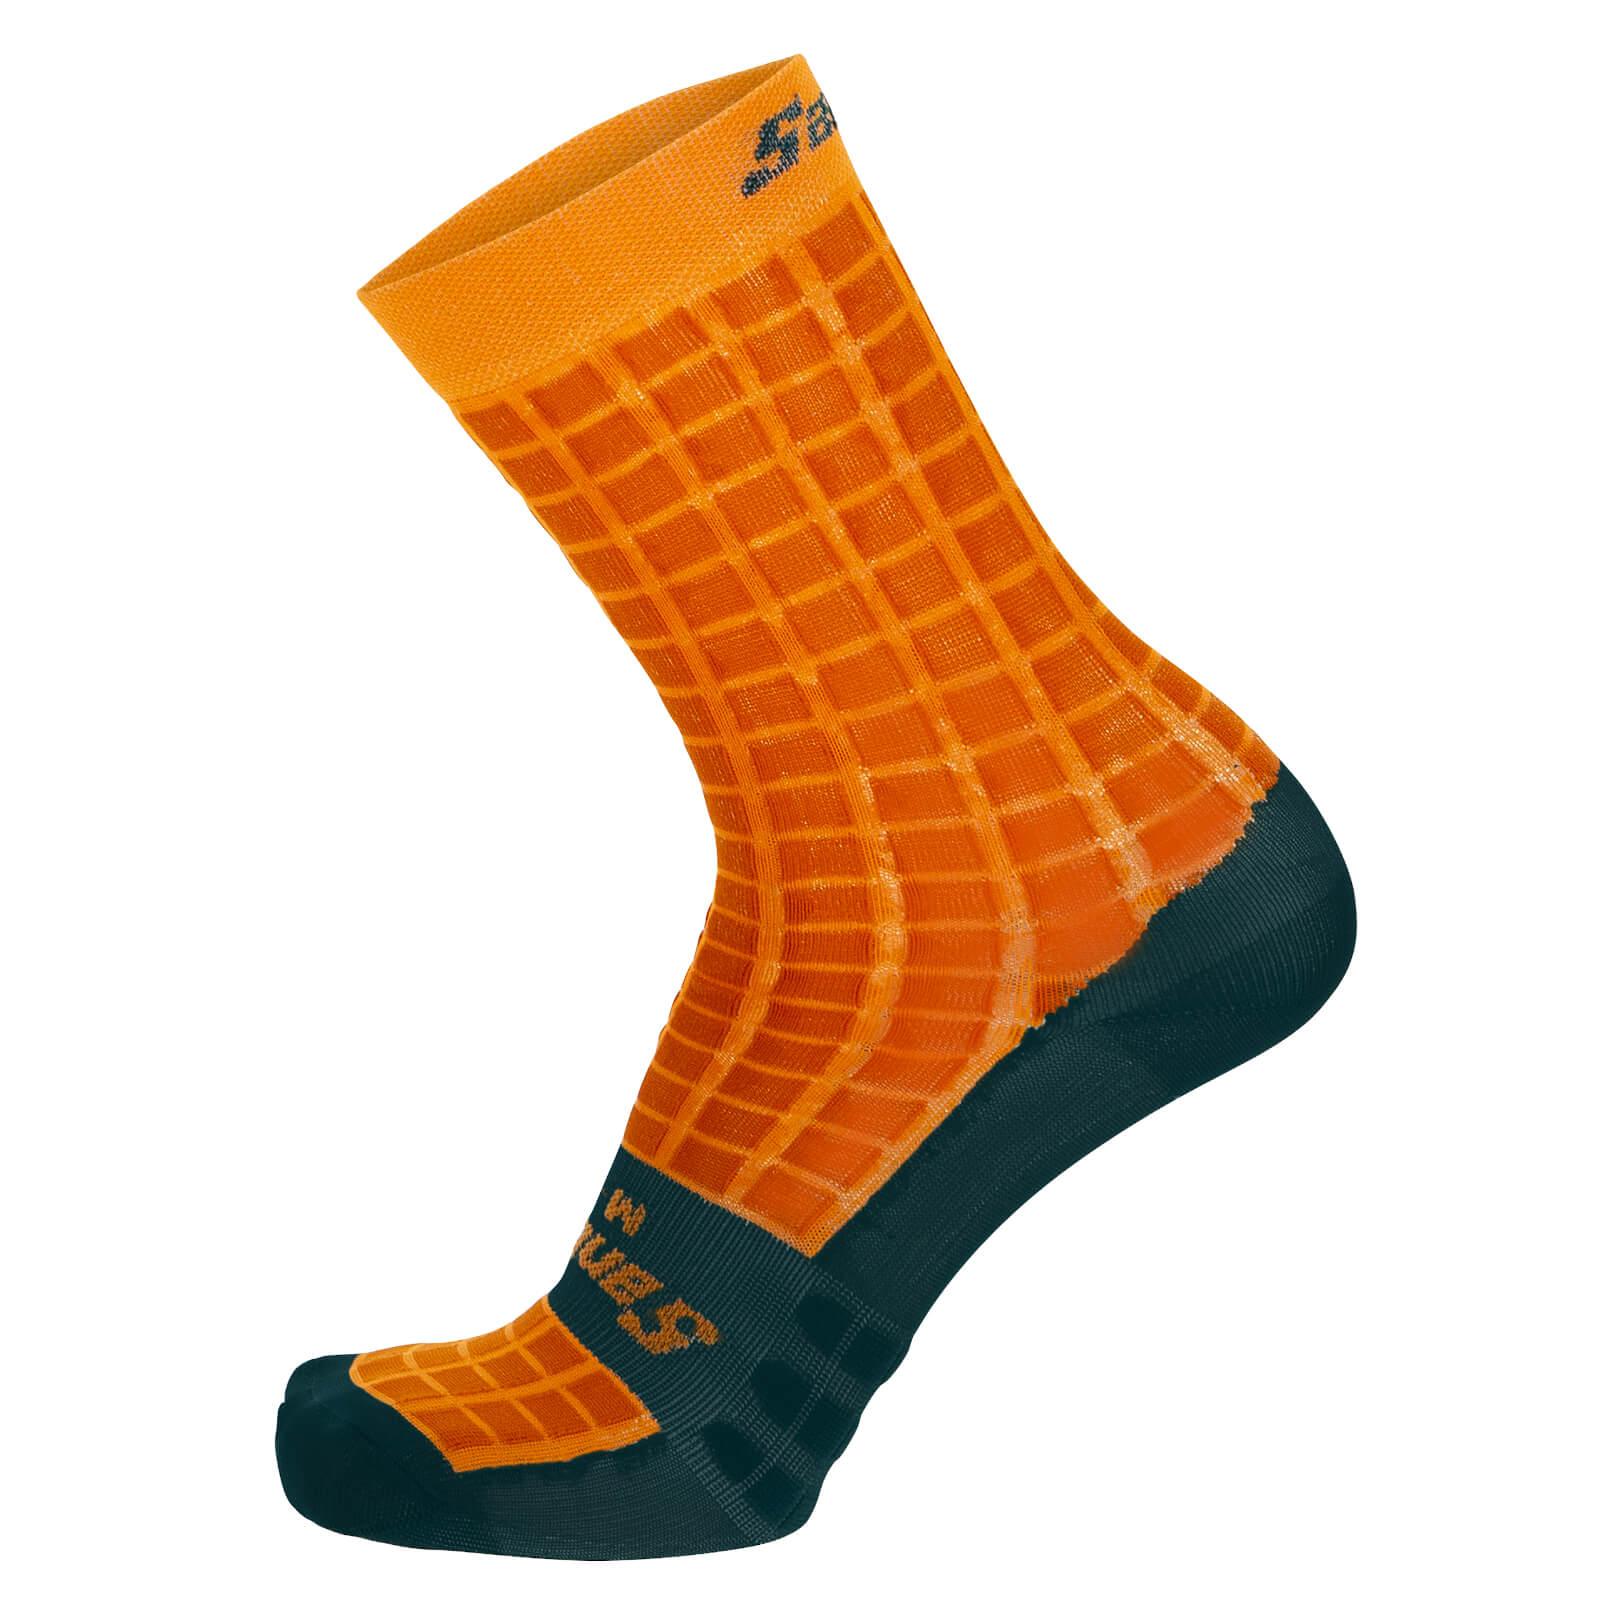 Santini Grido High Profile Socks - XS/S - Tuscan Yellow